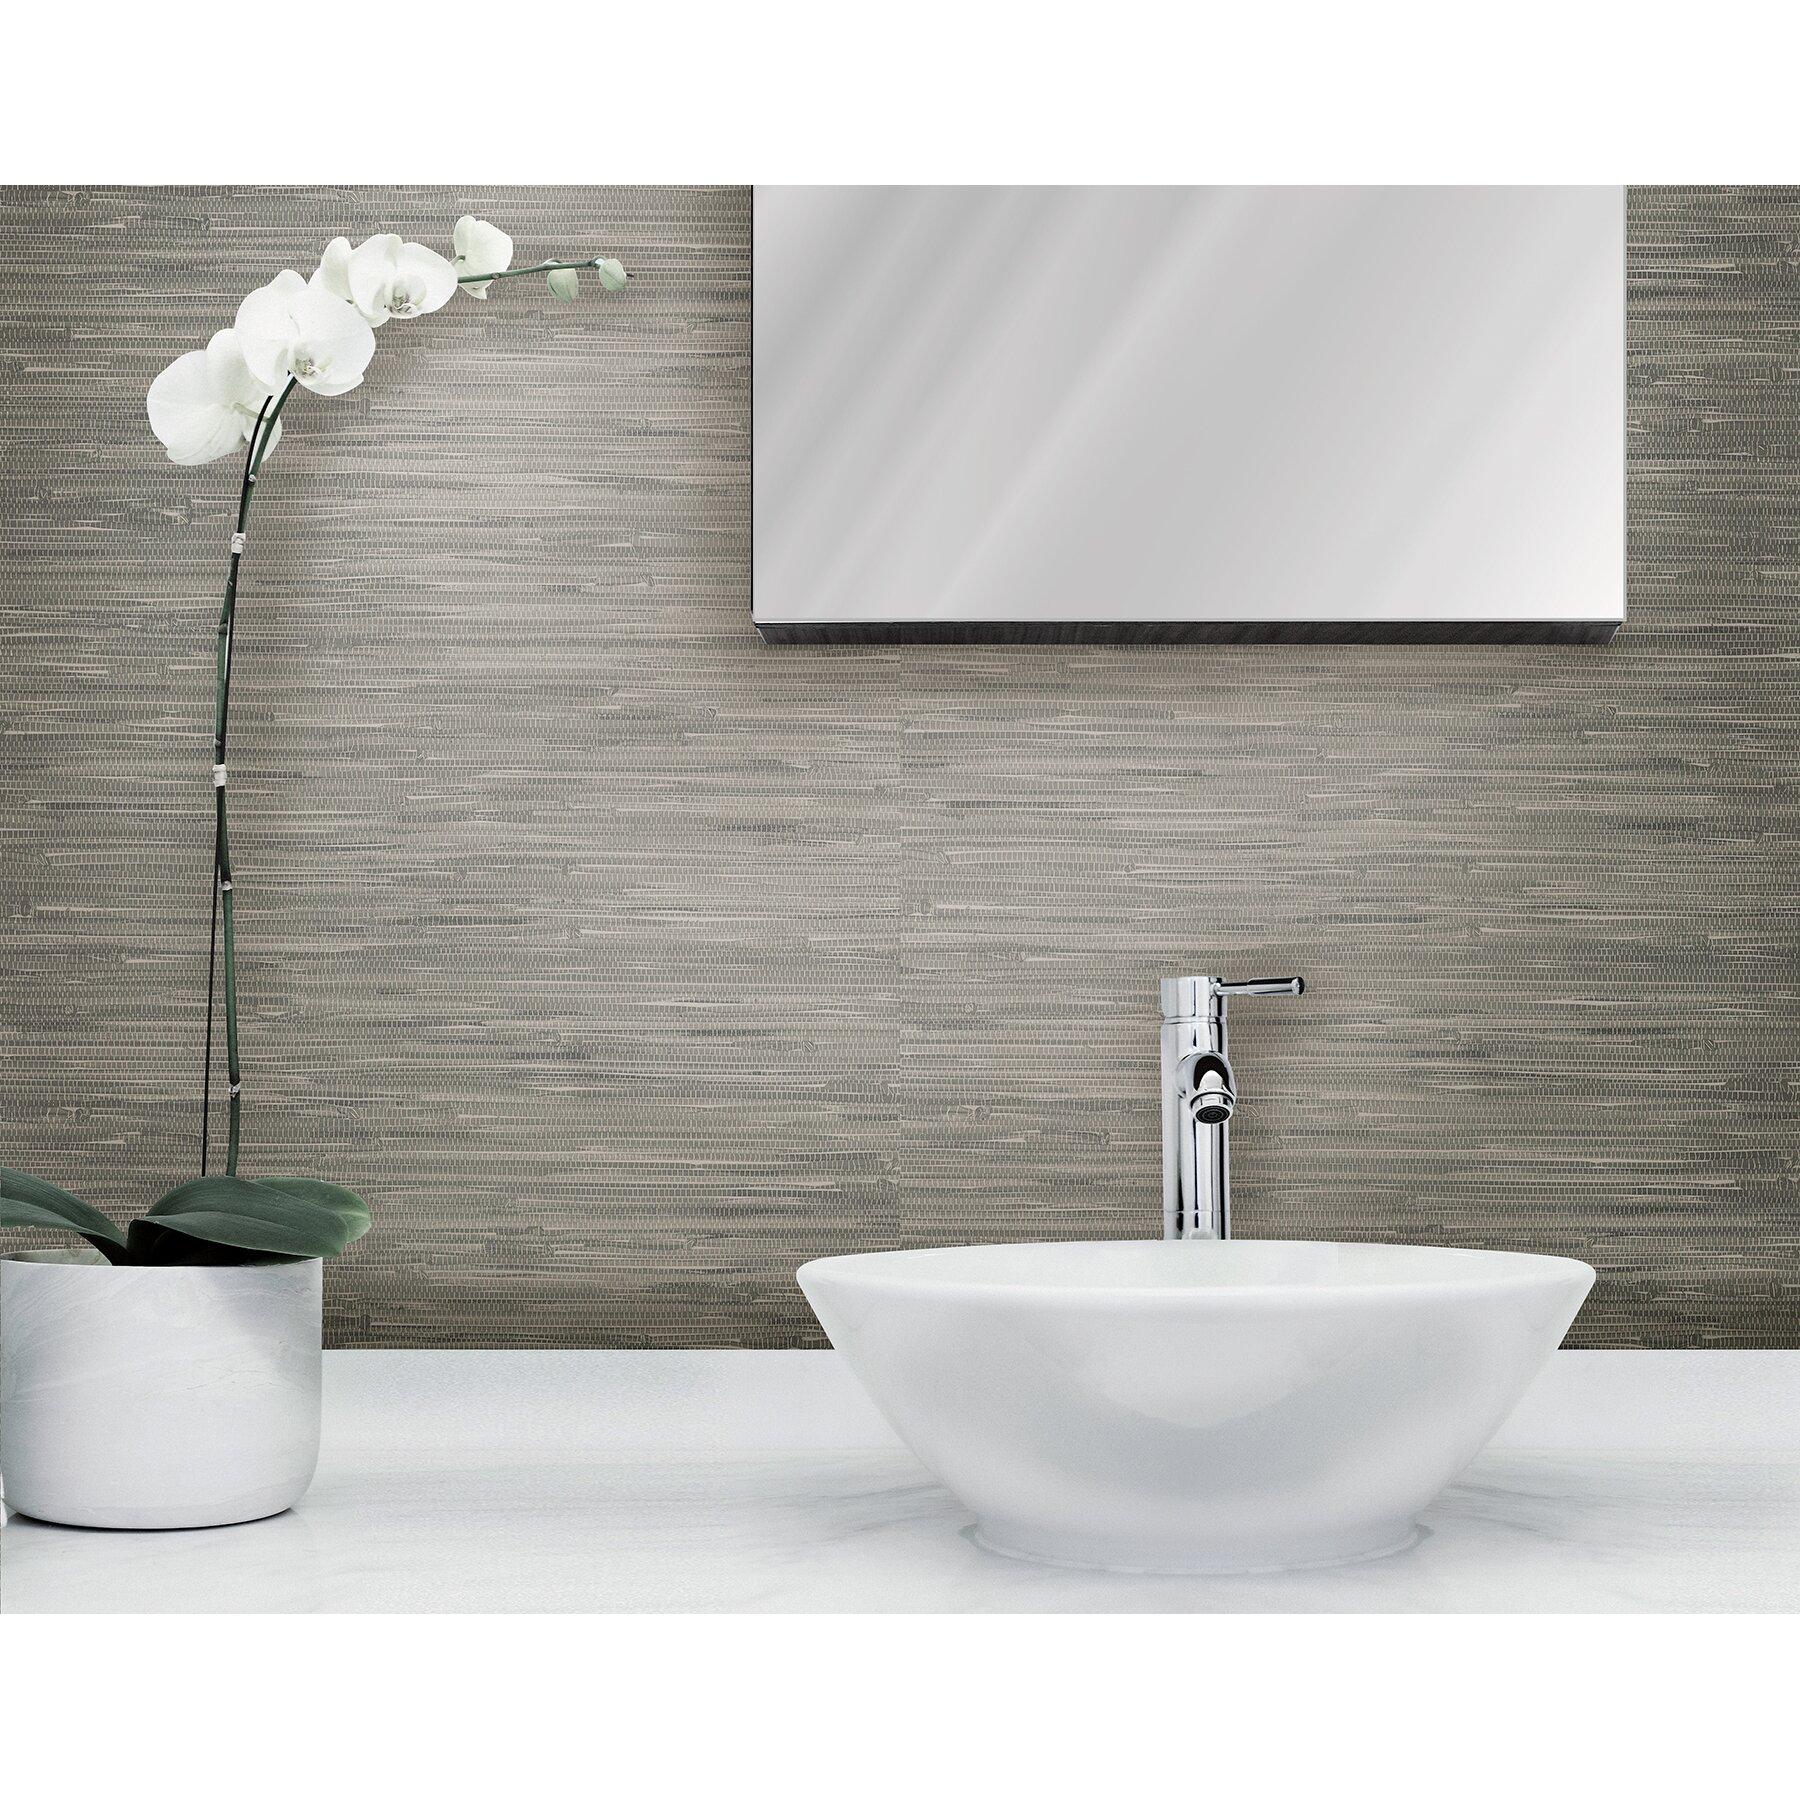 Wallpops 18 39 x 20 5 tibetan grasscloth peel and stick for Wayfair bathroom wallpaper